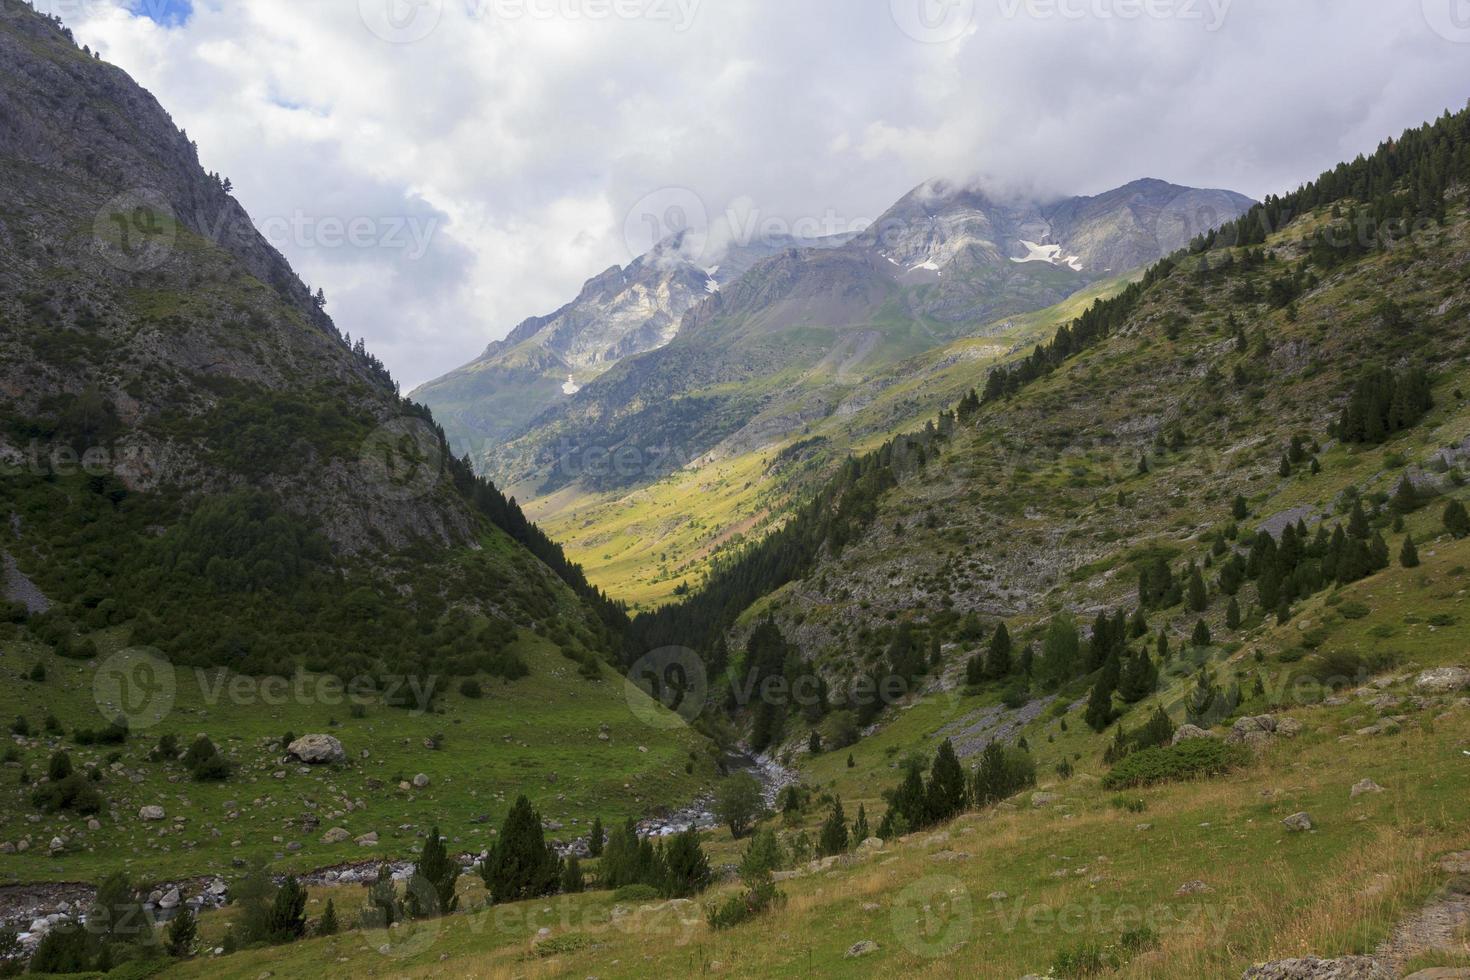 vallée de bujaruelo, montagnes des pyrénées photo